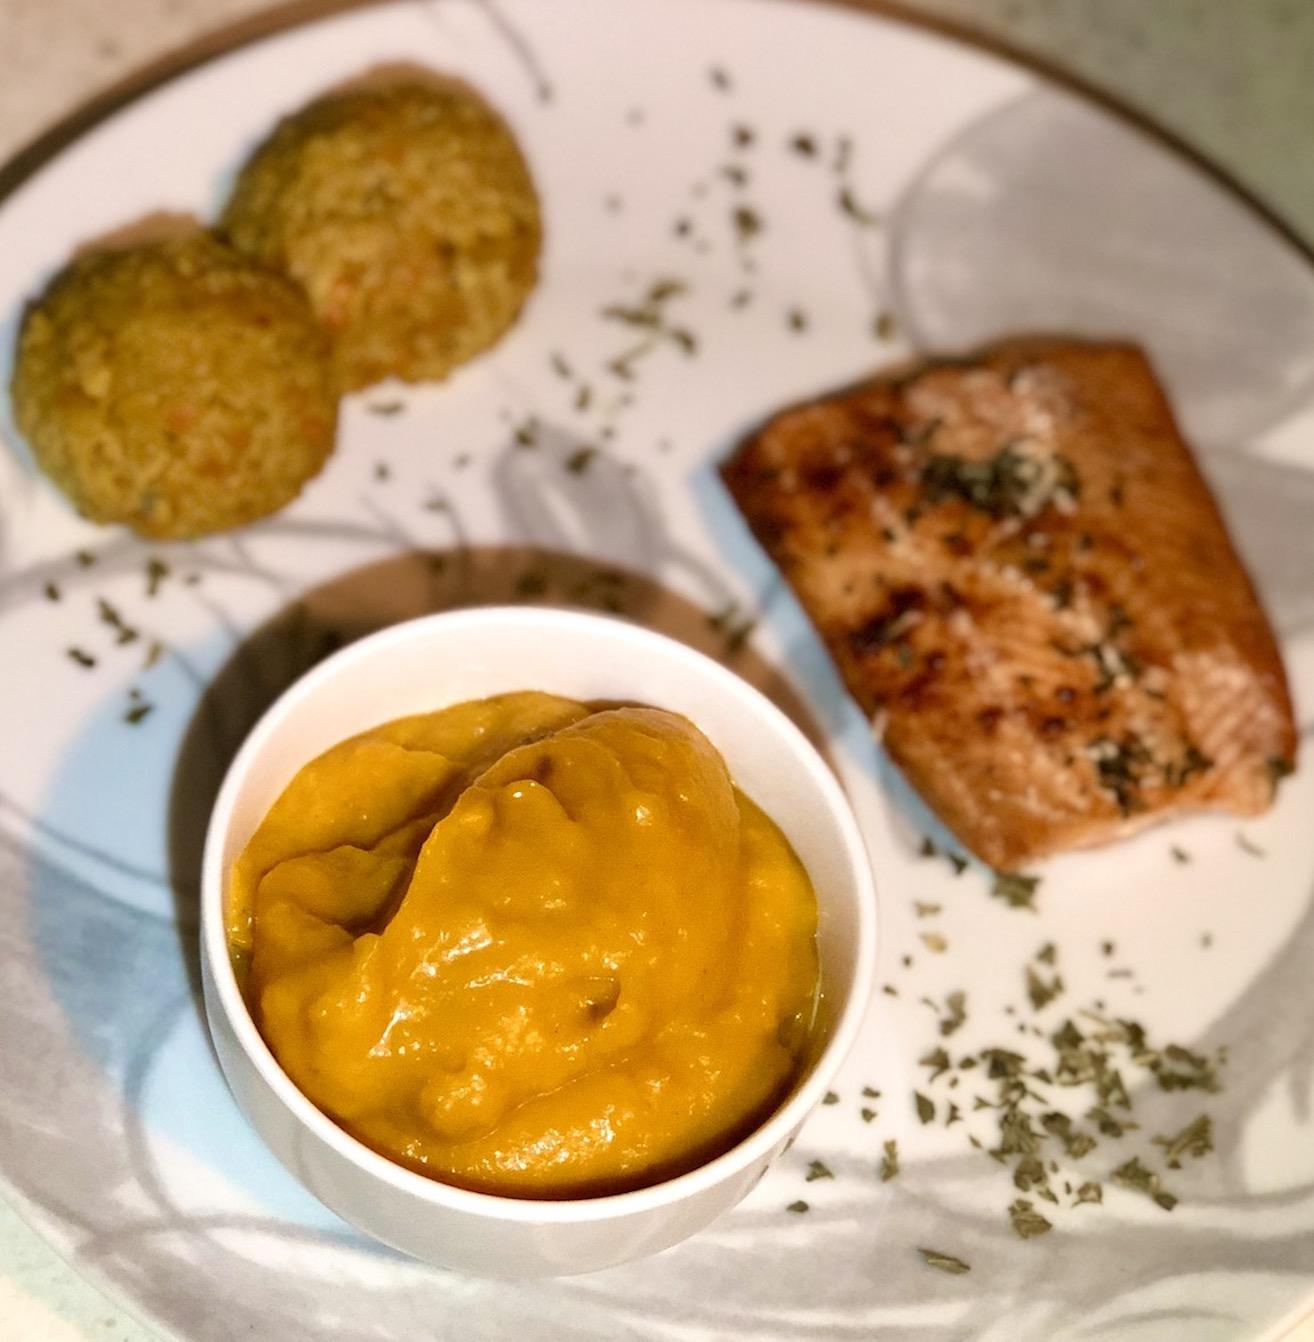 Ideja za kosilo: Losos iz pečice z bučnim pirejem in lečinim dhal curryjem